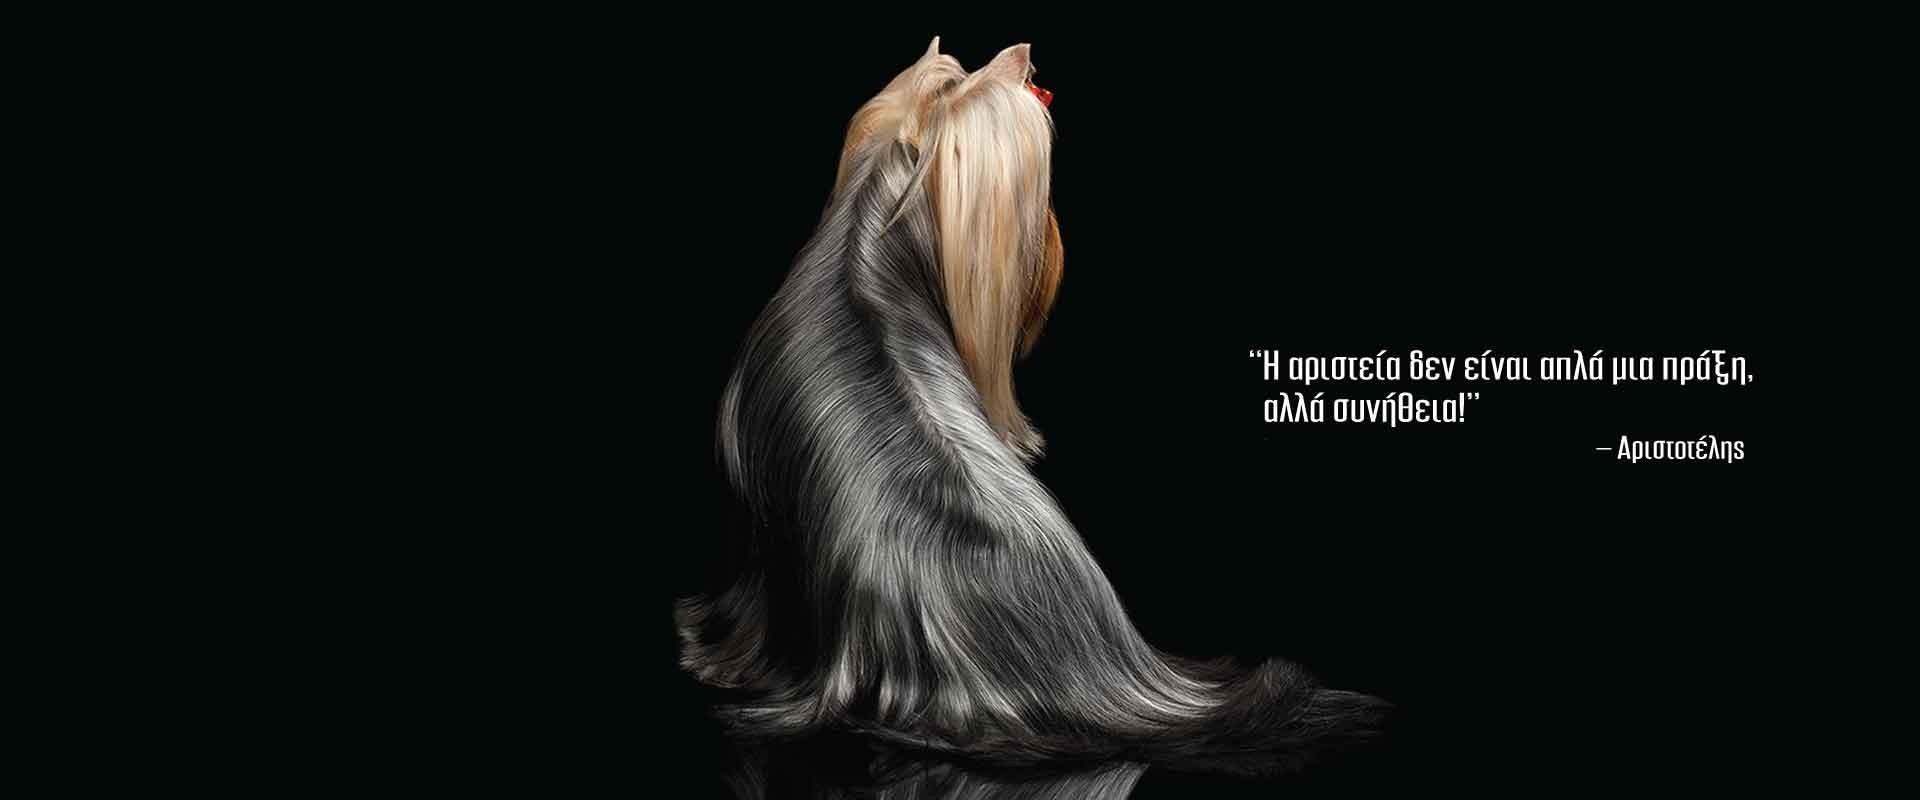 showdog.gr - Εκθεσιακά προϊόντα σκύλου - Η ποιότητα δεν είναι απλά μια πράξη. Είναι συνήθεια - Αριστοτέλης